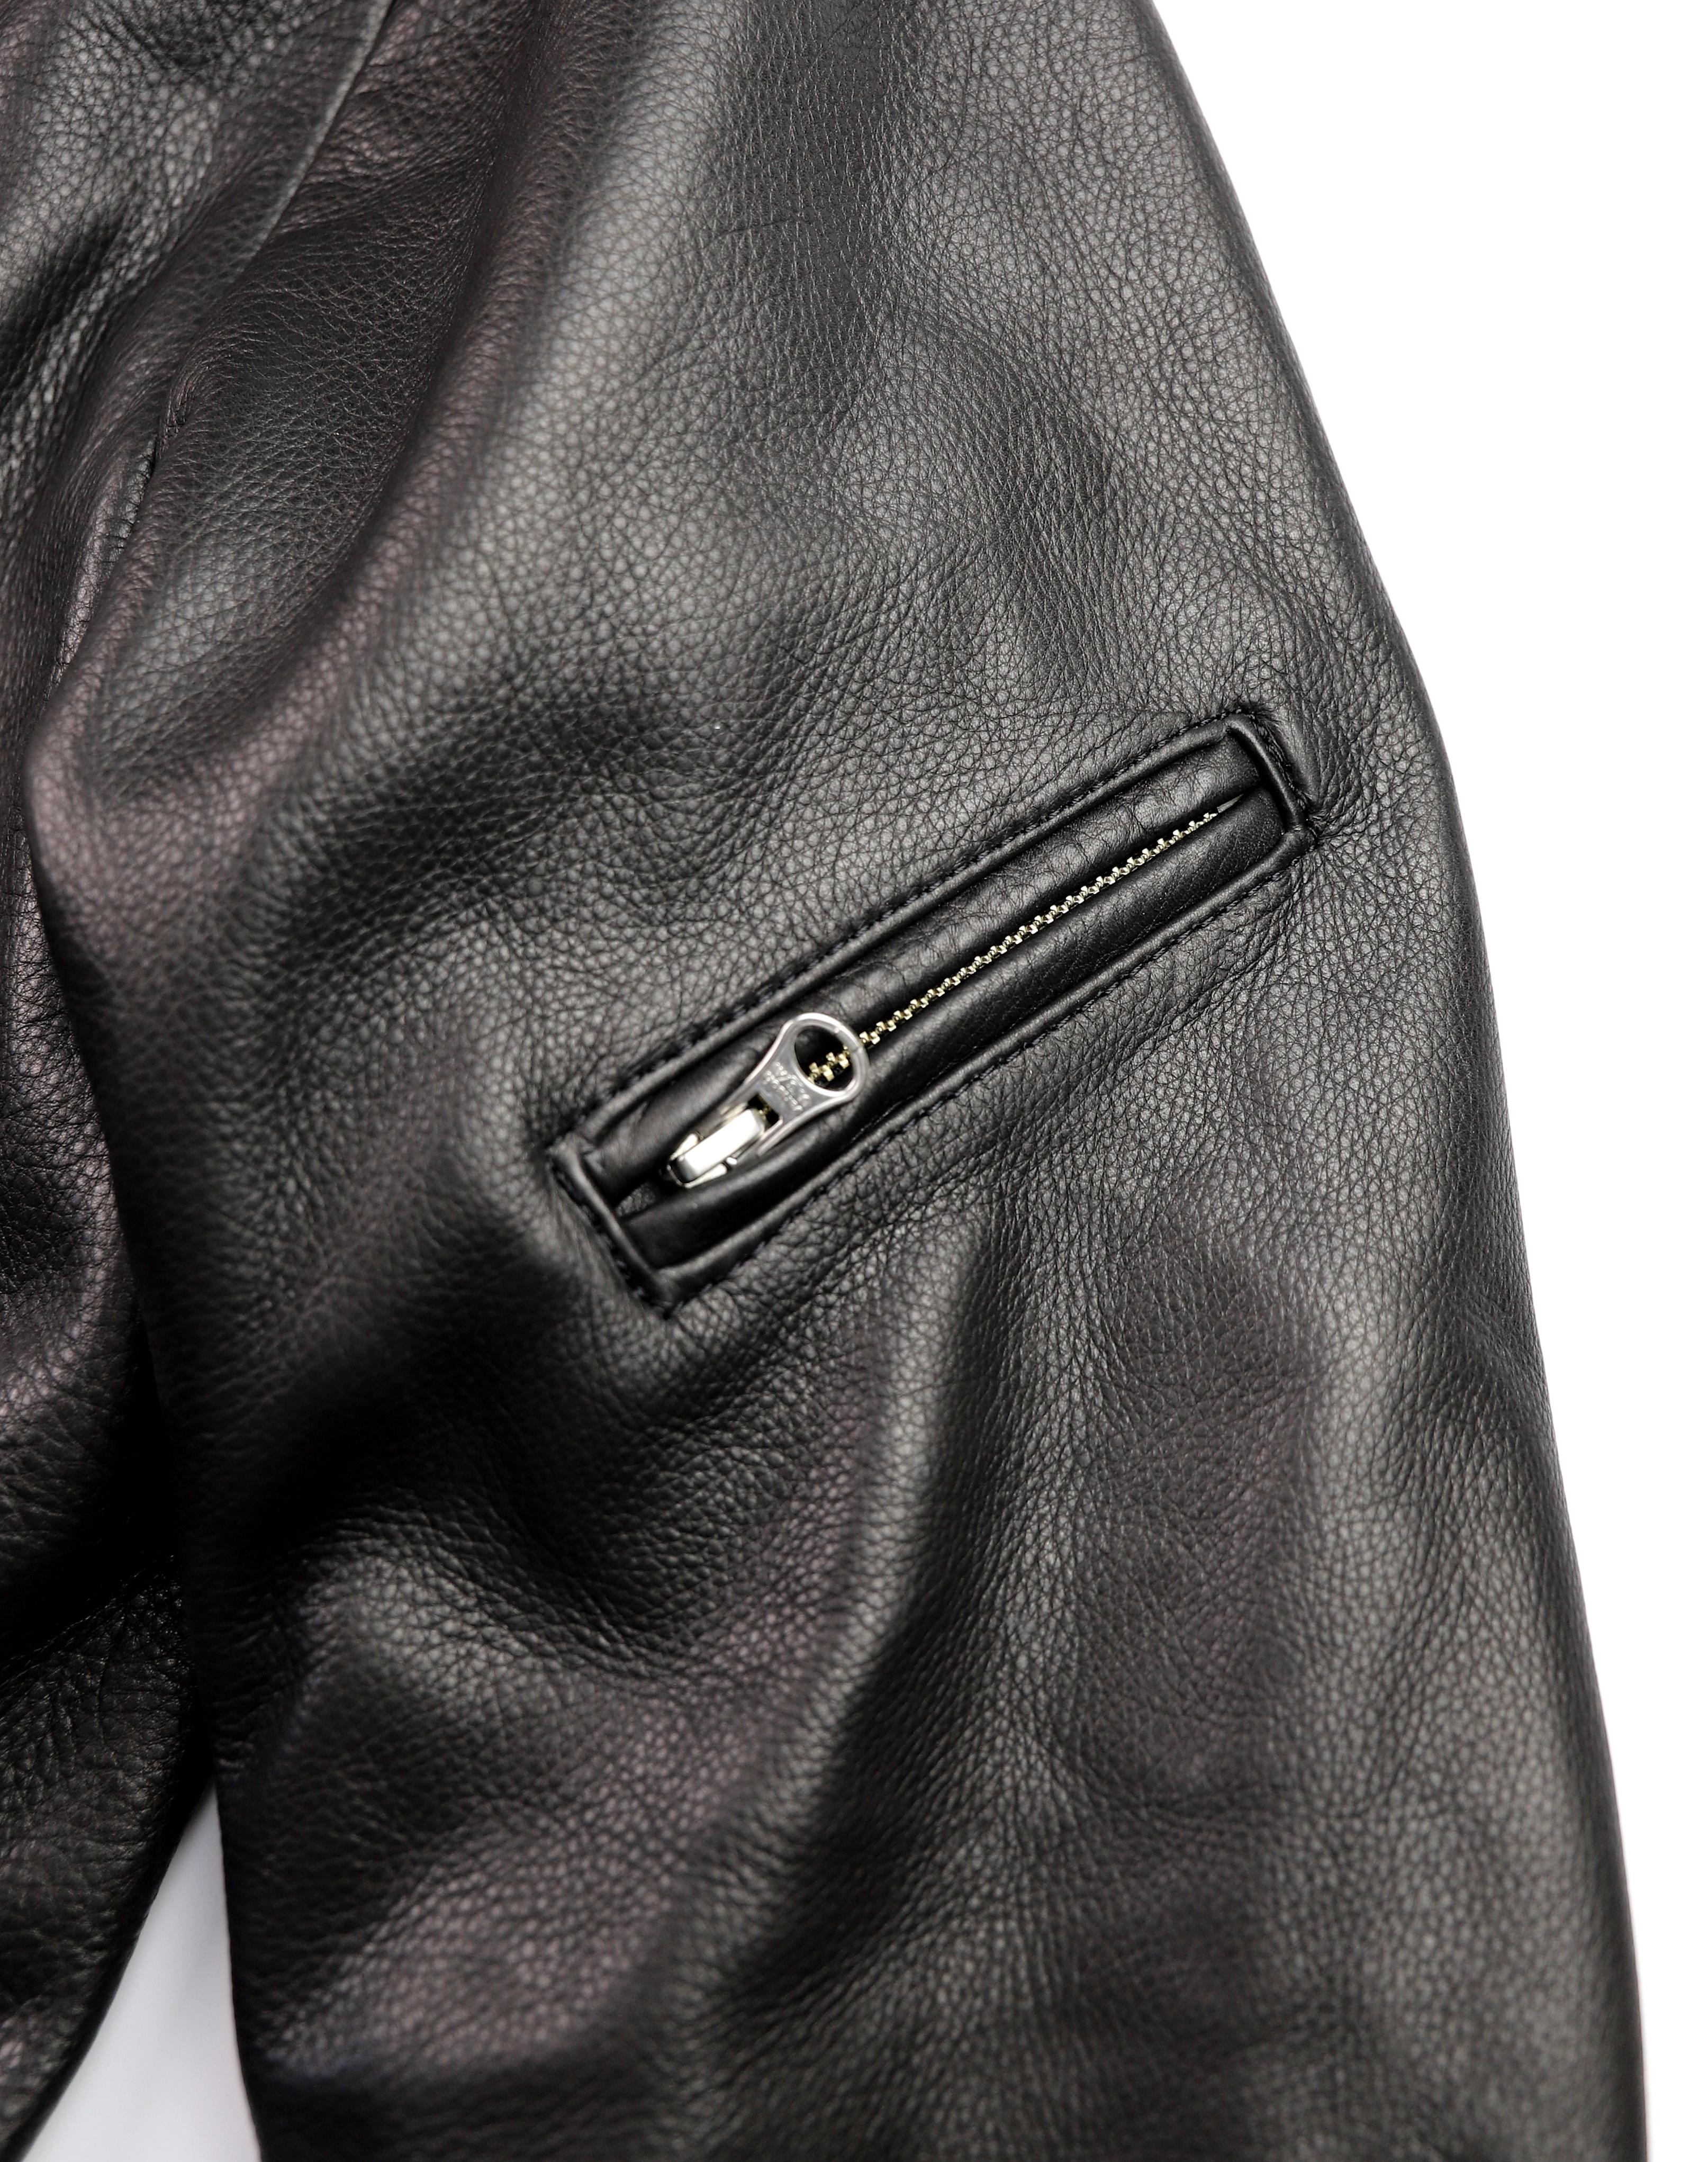 Vanson Daredevil for Pat Key Pocket.jpg